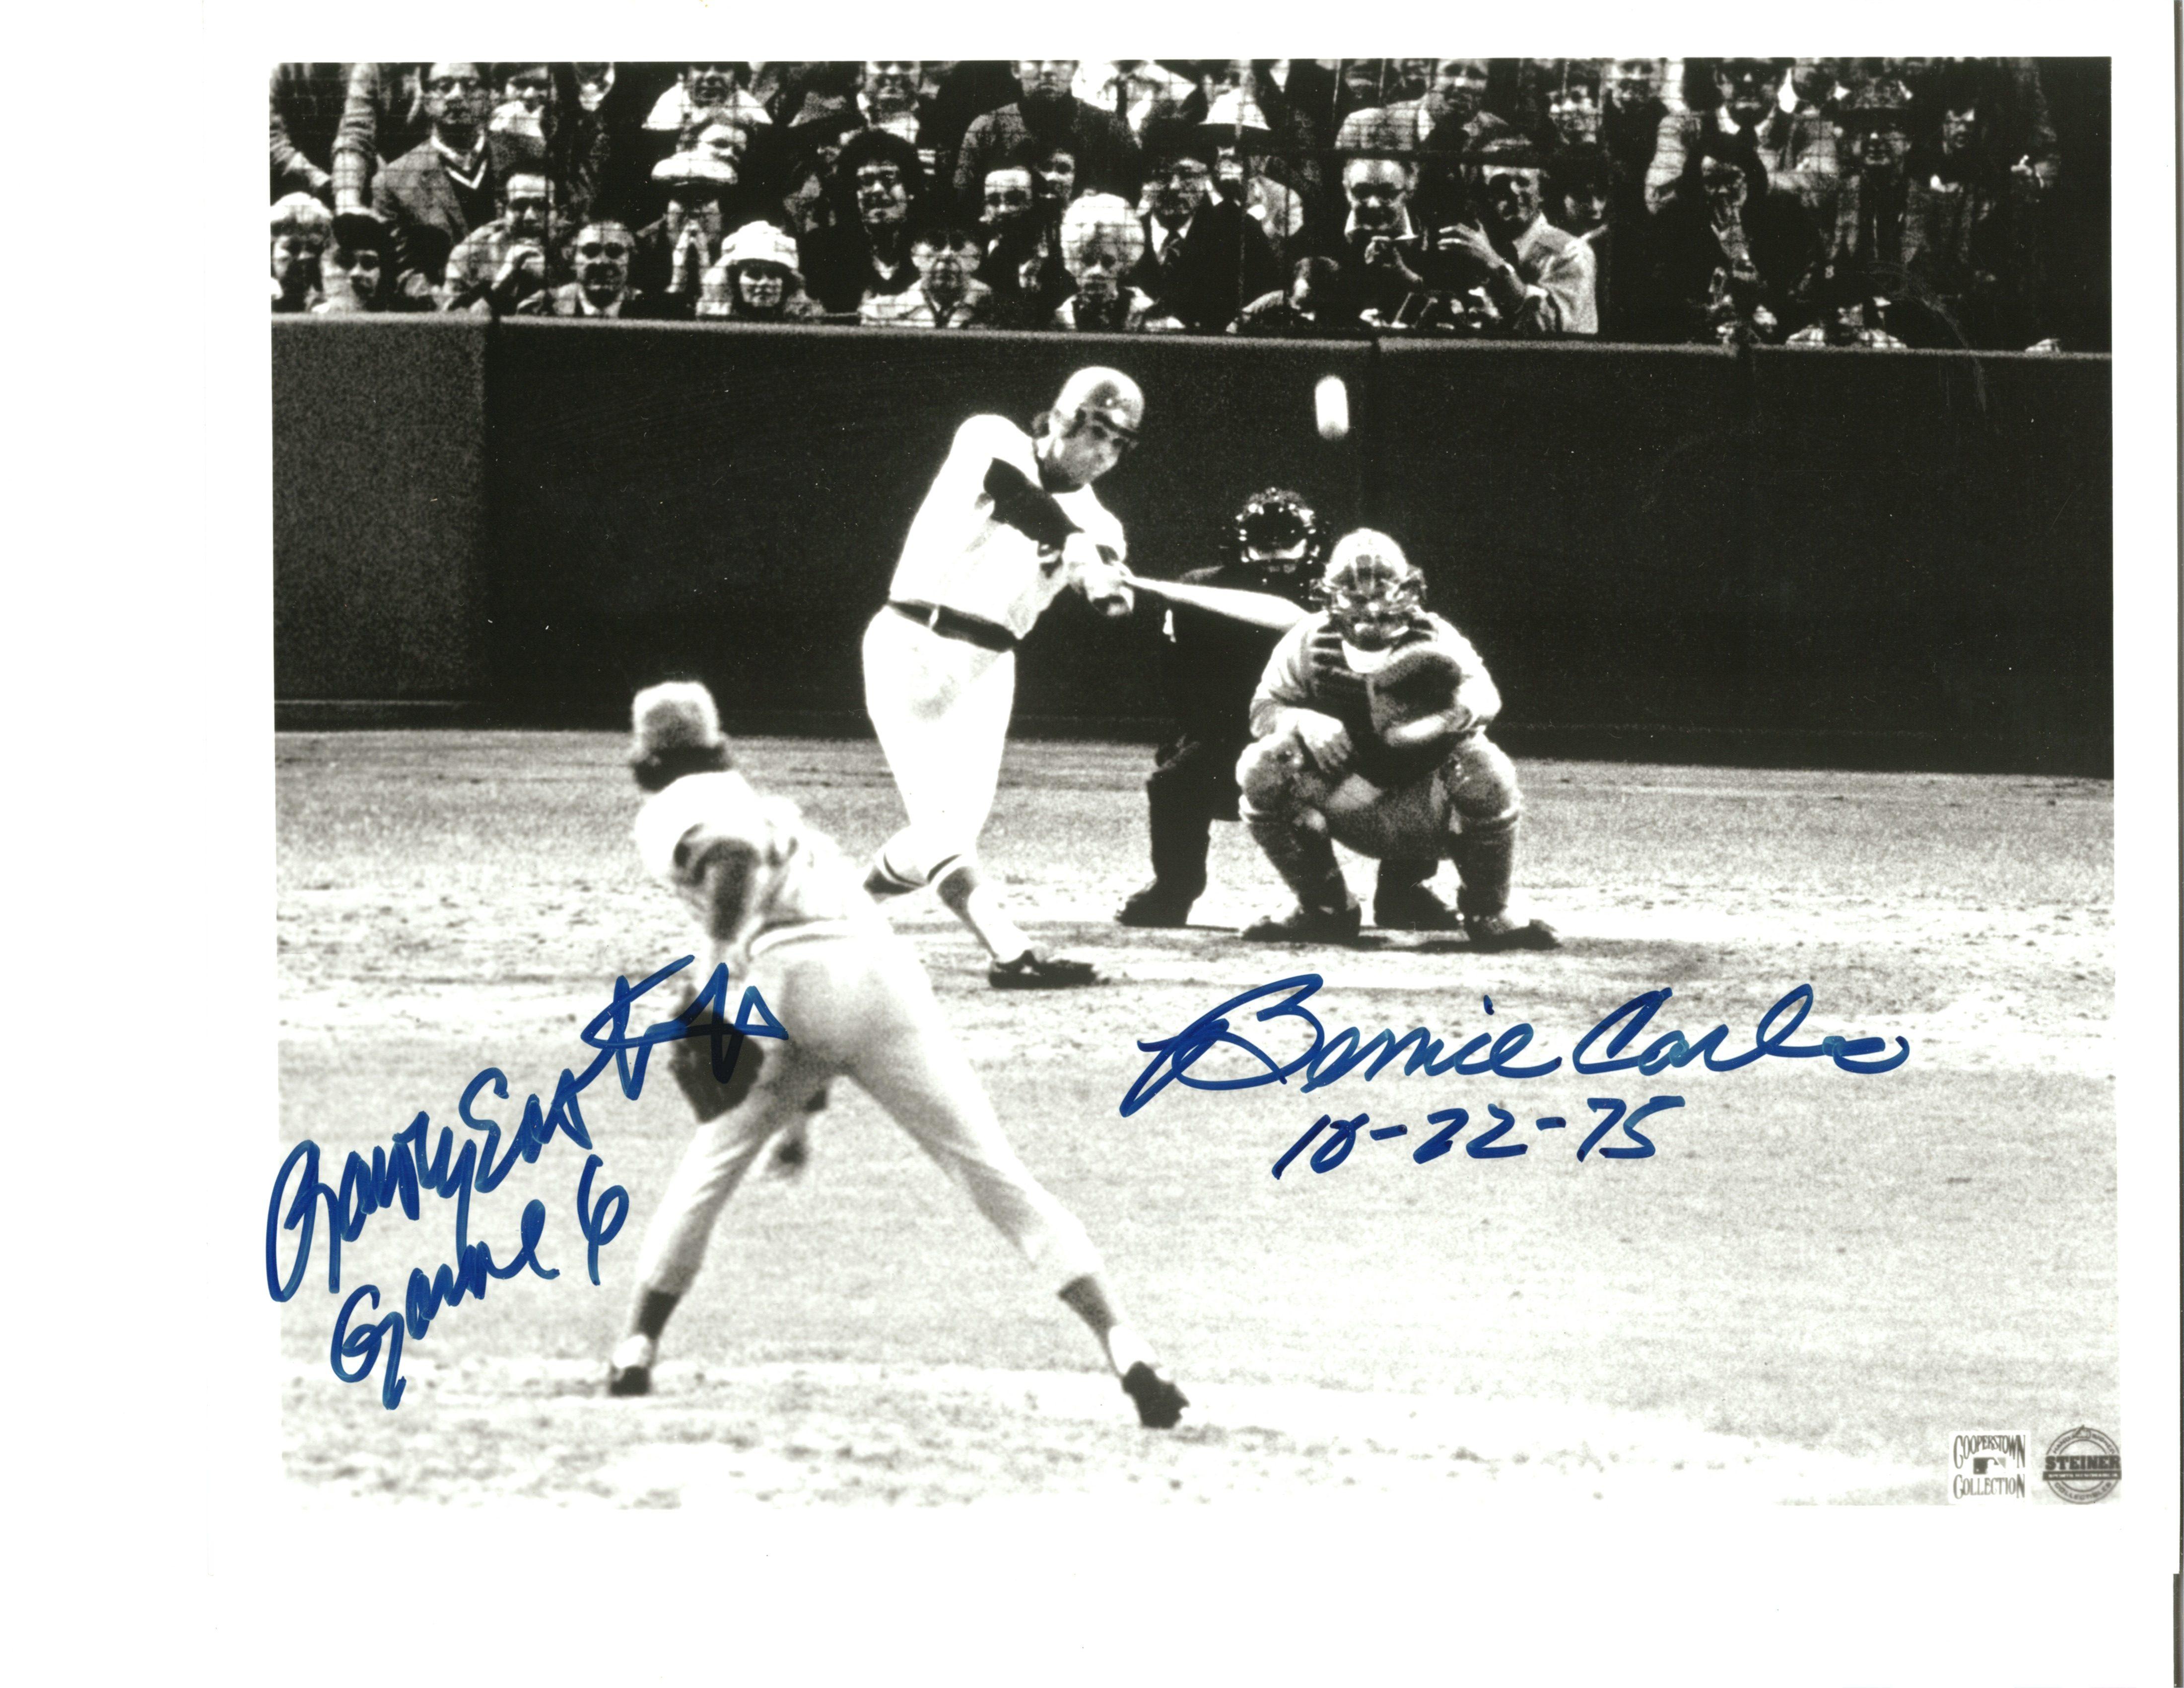 3b8e1e2a6e7e0 Bernie Carbo   Rawly Eastwick Autographed 8x10 photo - Sportsworld ...